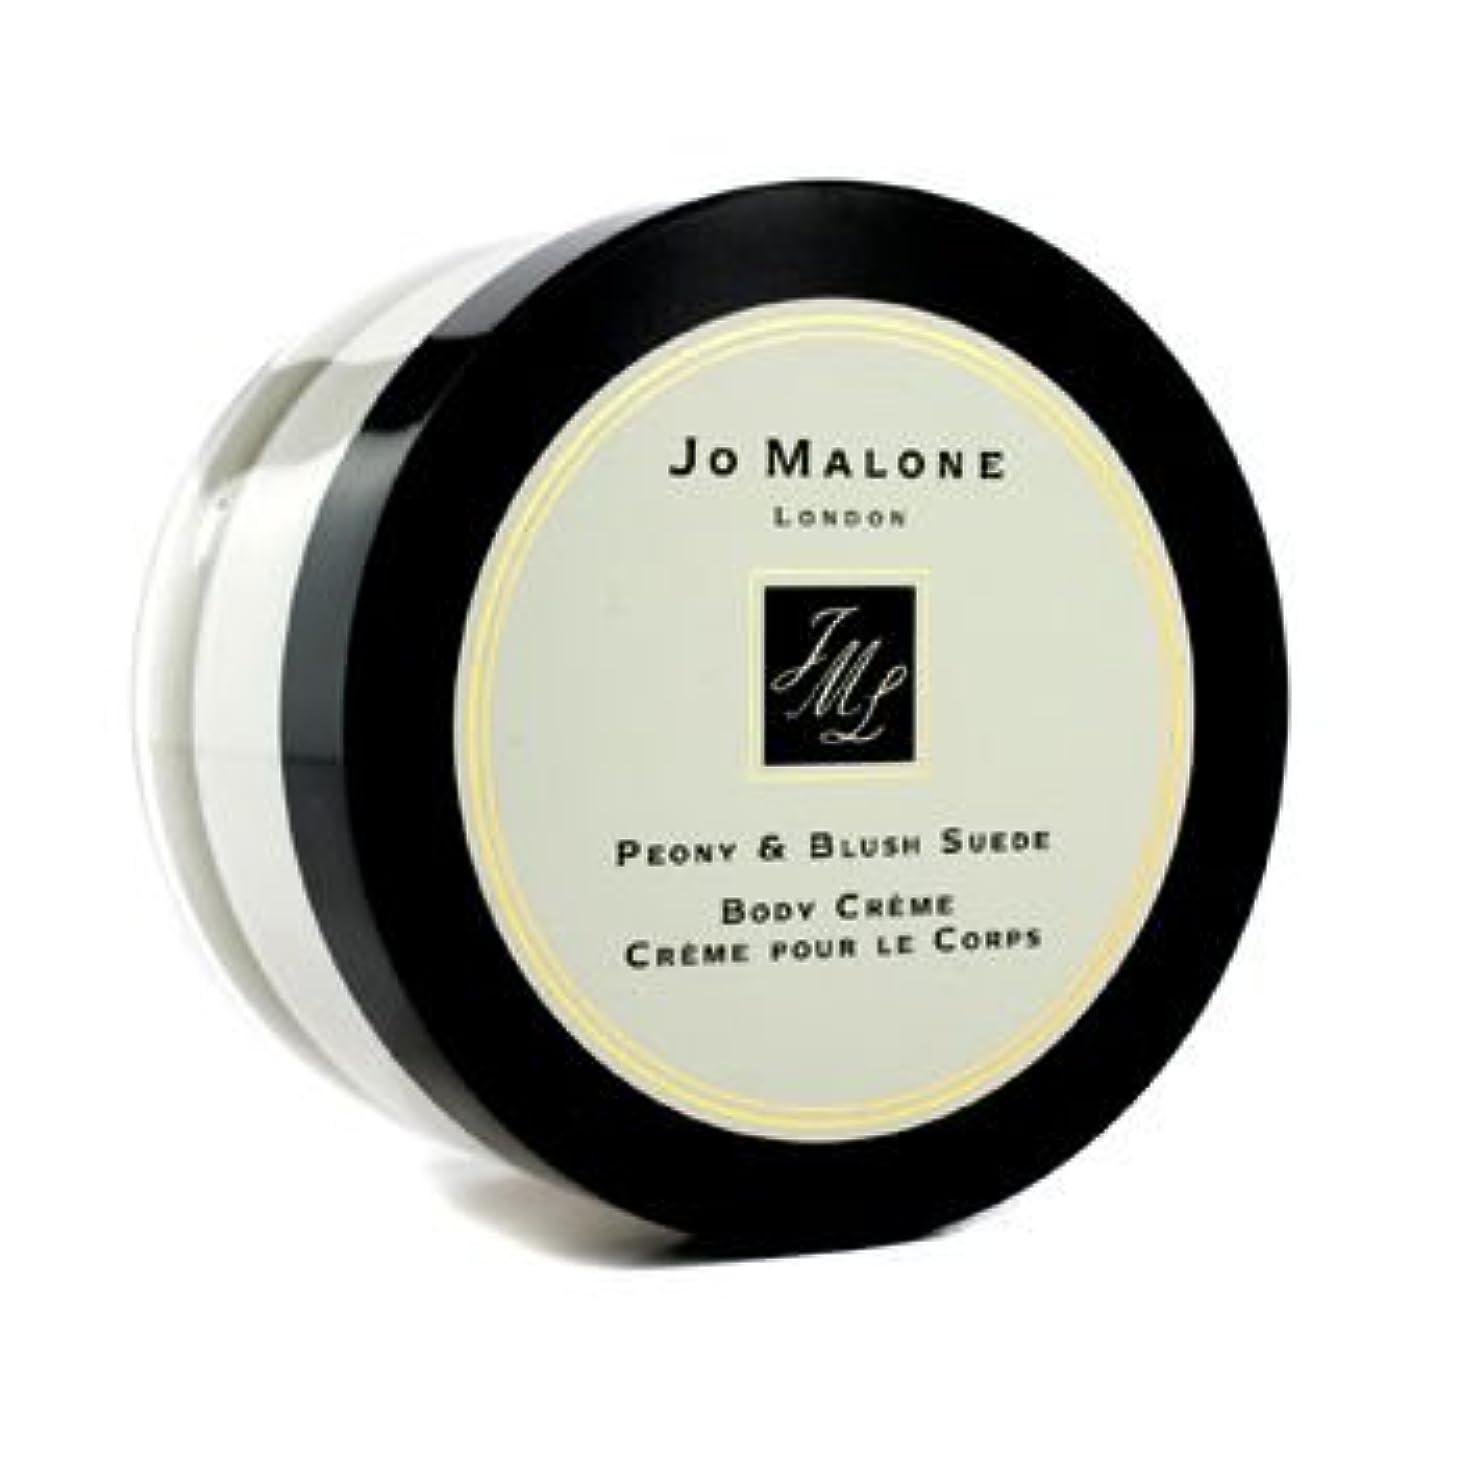 消える判決薄暗いジョーマローン ピオニー & ブラッシュ スエード ボディ クリーム 175ml/5.9oz並行輸入品